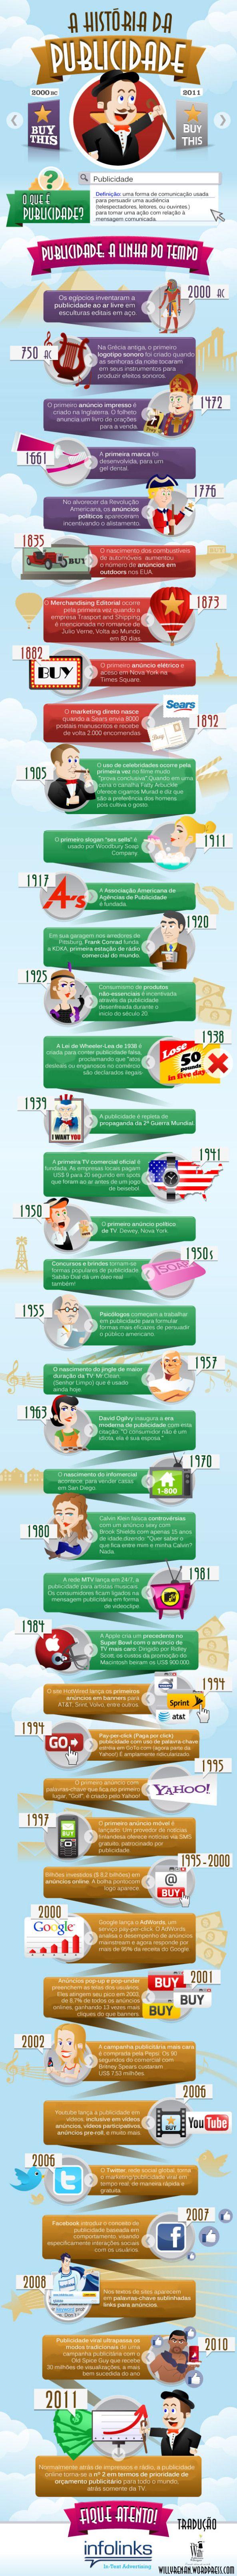 http://maxisite.net/blog/infografico-a-historia-da-publicidade-em-ordem-cronologica/